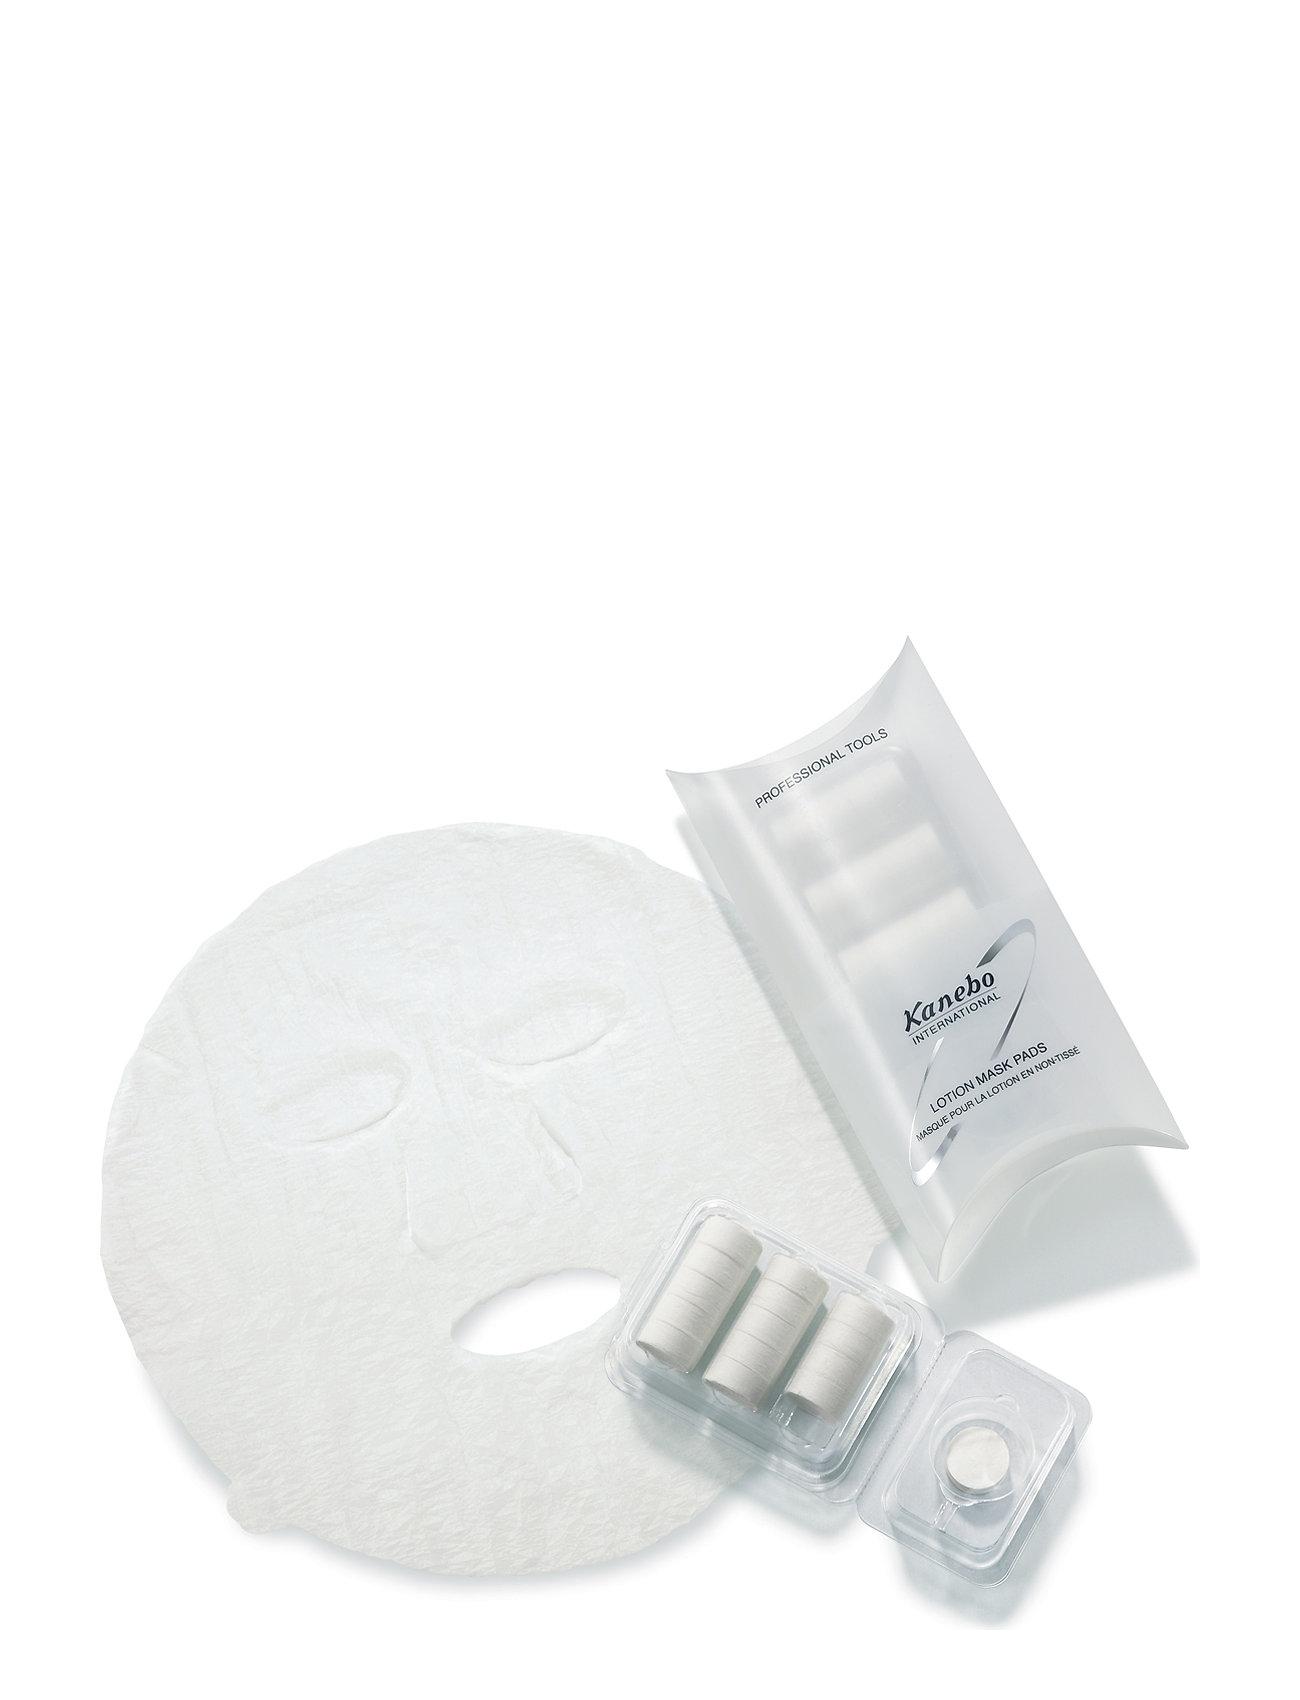 SENSAI Lotion Mask Pads (15 Pcs) - NO COLOR